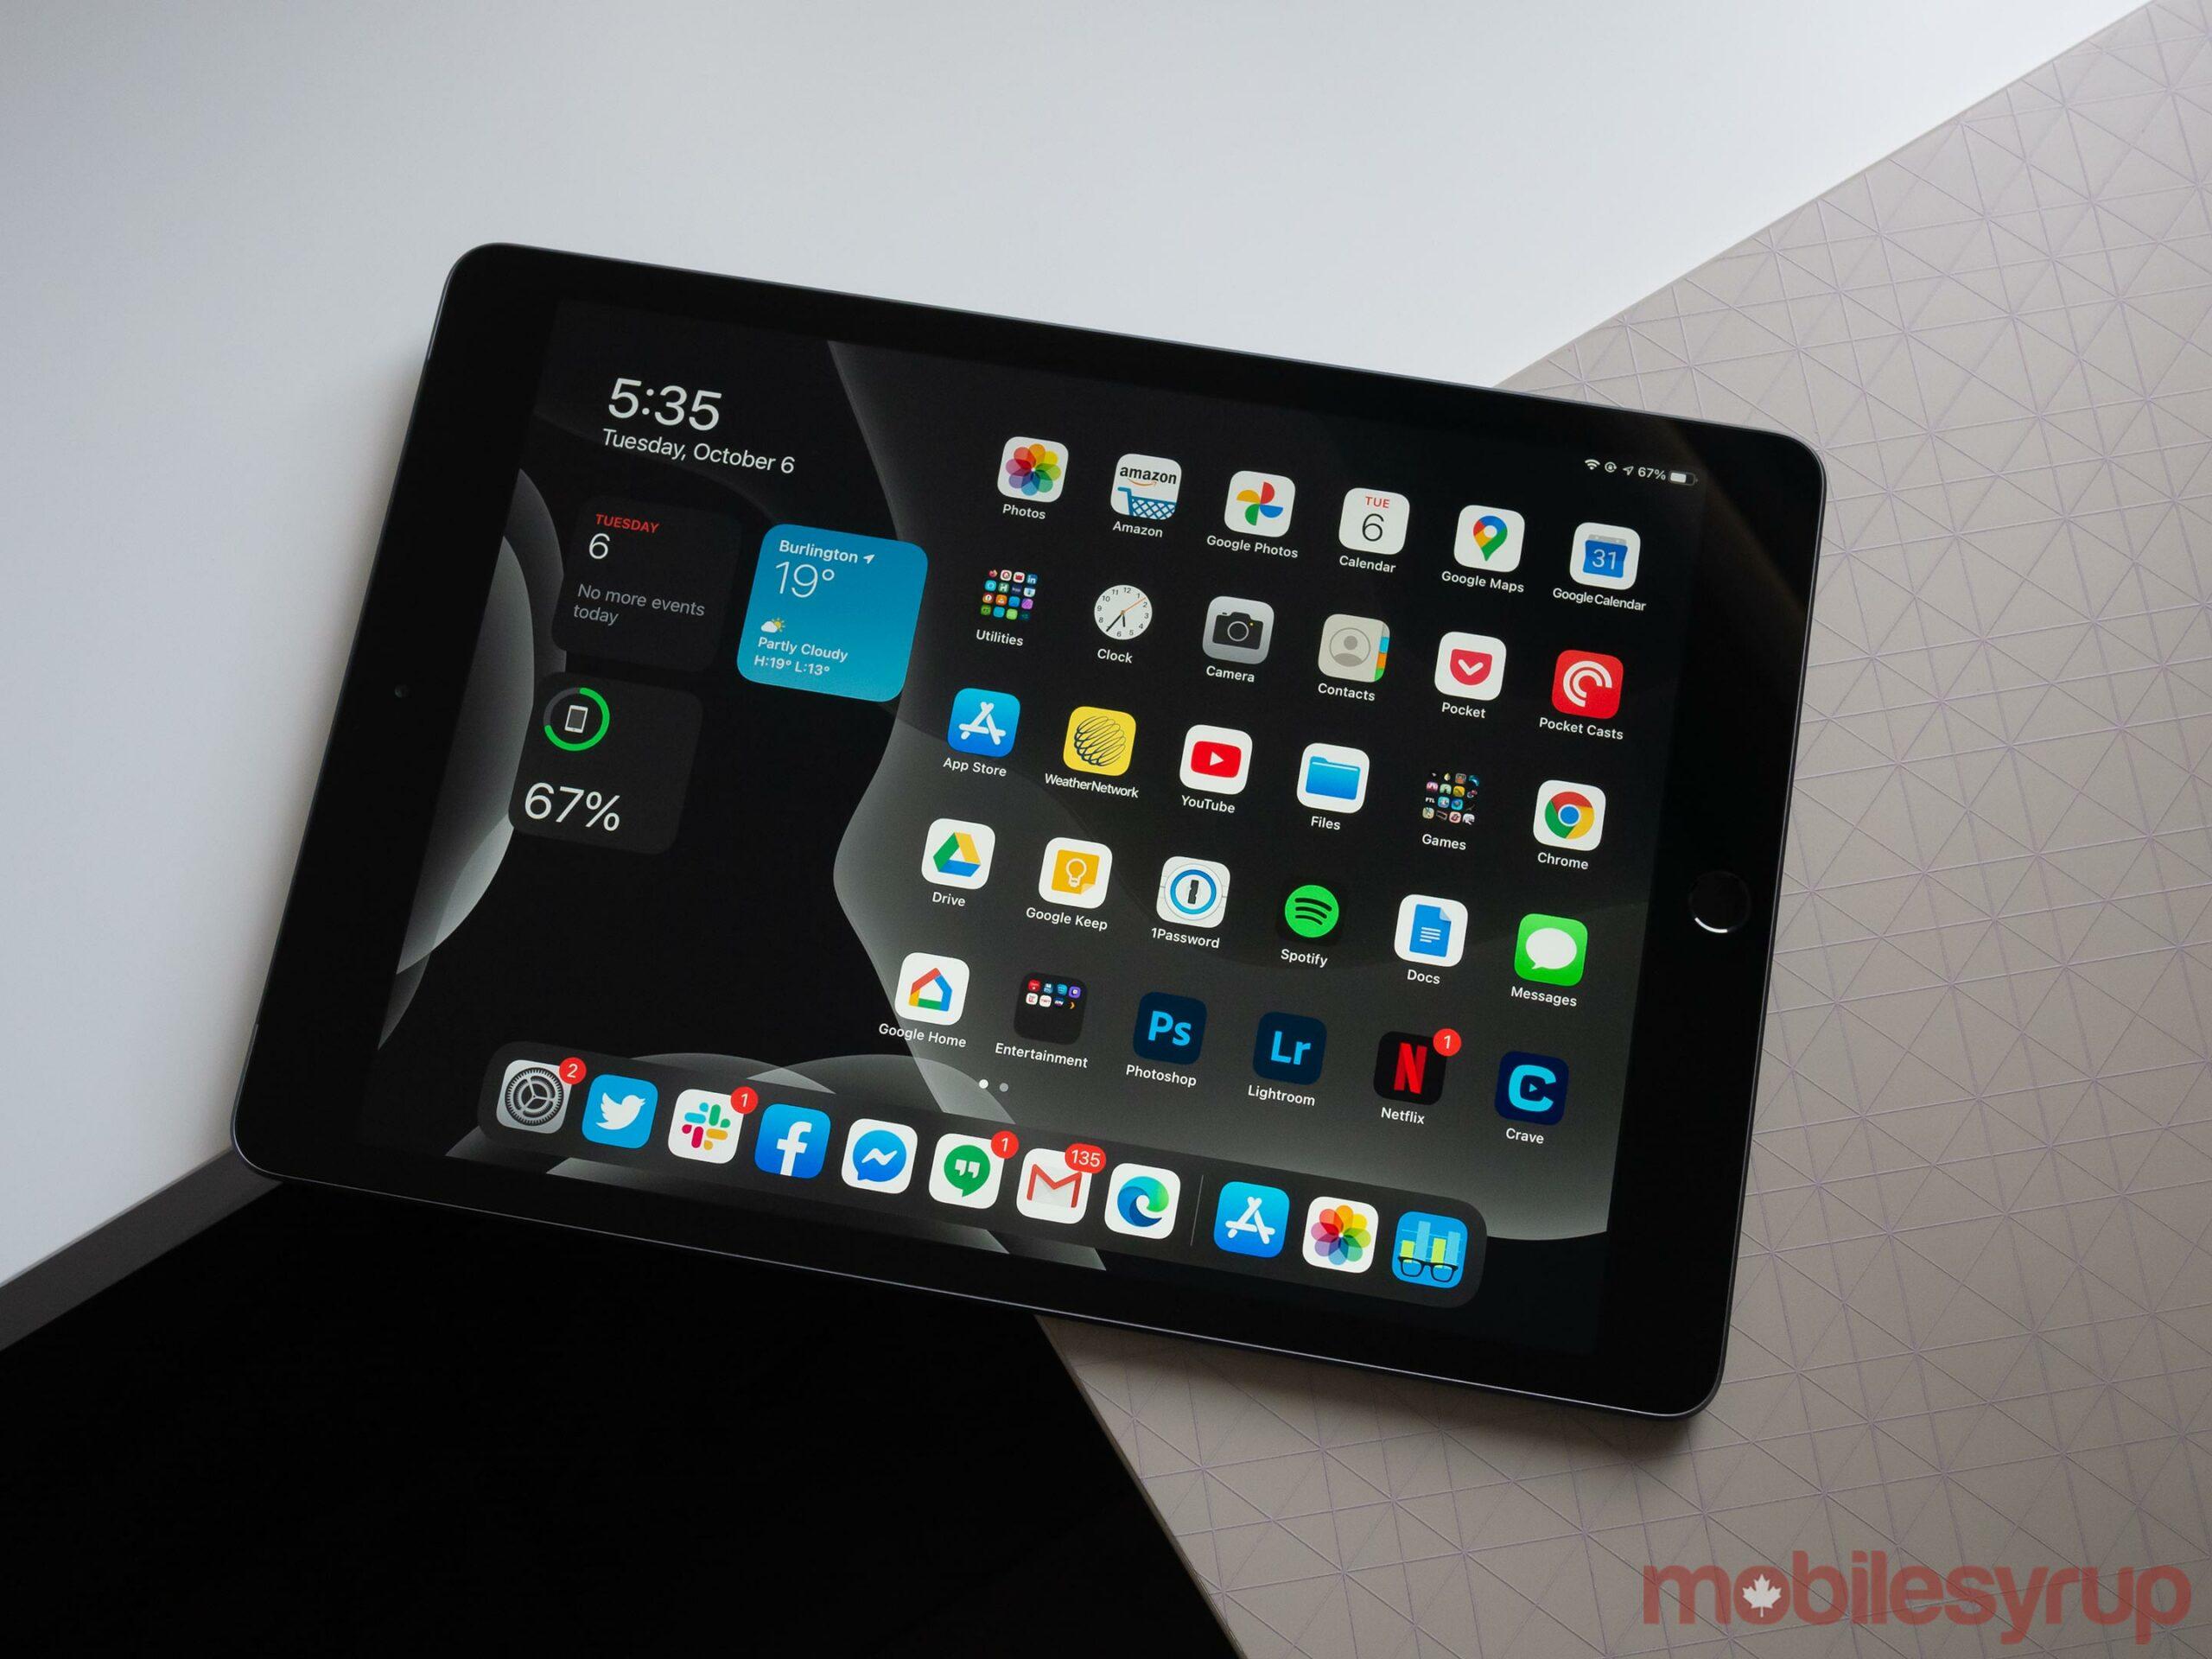 iPad (2020) widgets